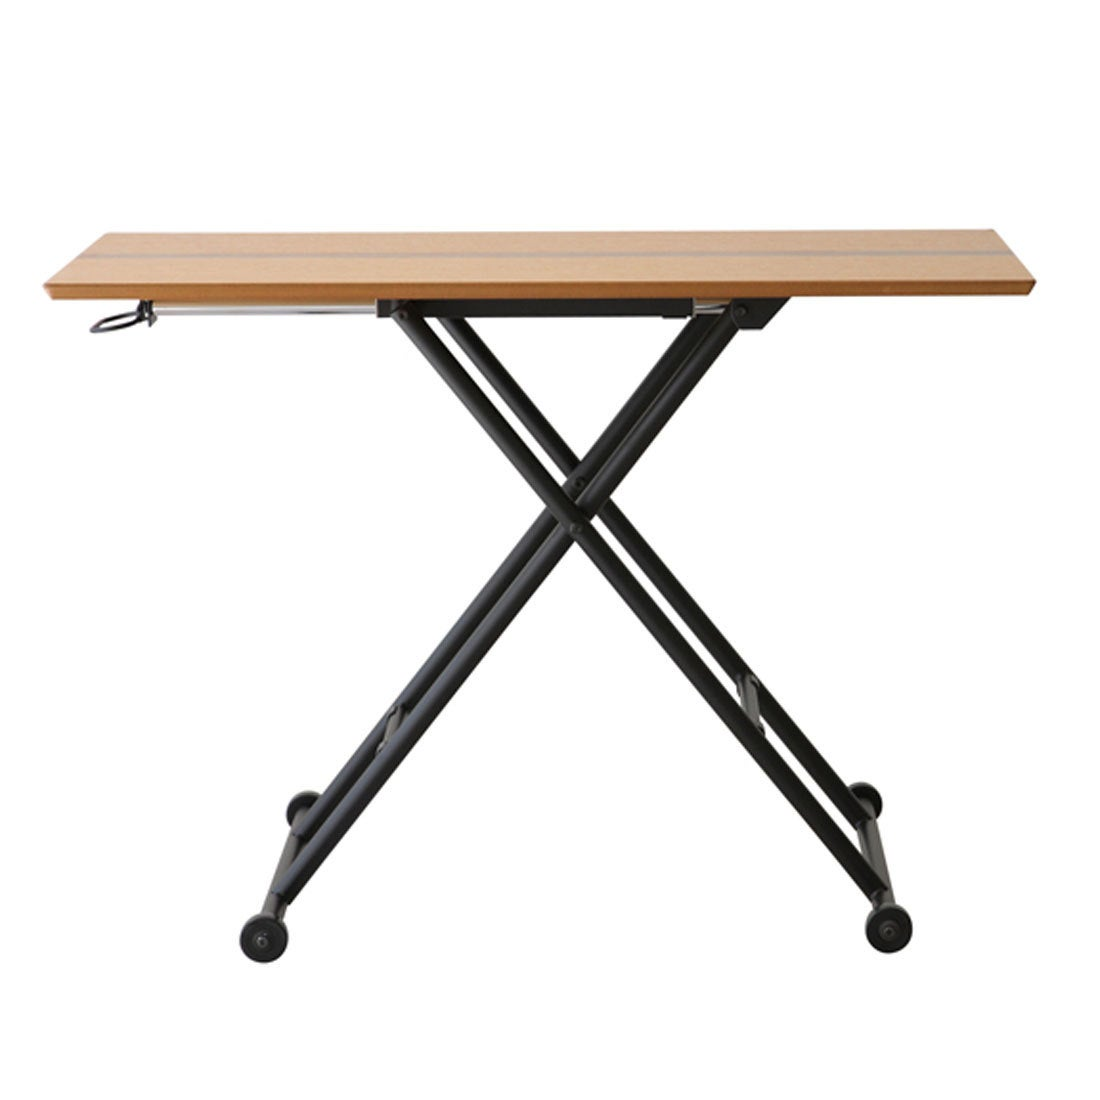 IDC OTSUKA/大塚家具 リフティングテーブル ロジカ ナチュラル色 RLT-4516 (ナチュラル)